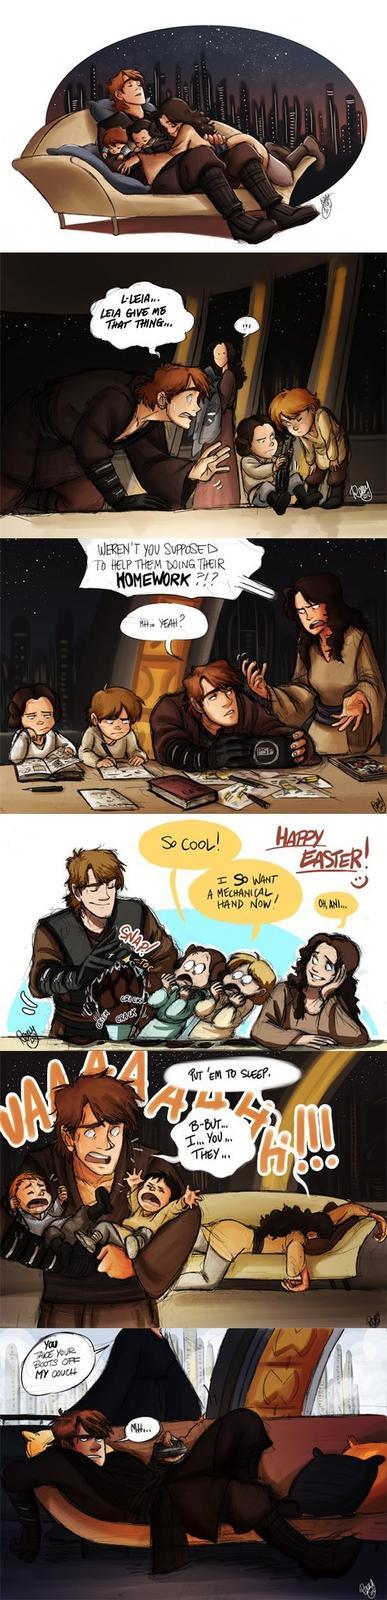 If Anakin Hadn't Gone to the Dark Side